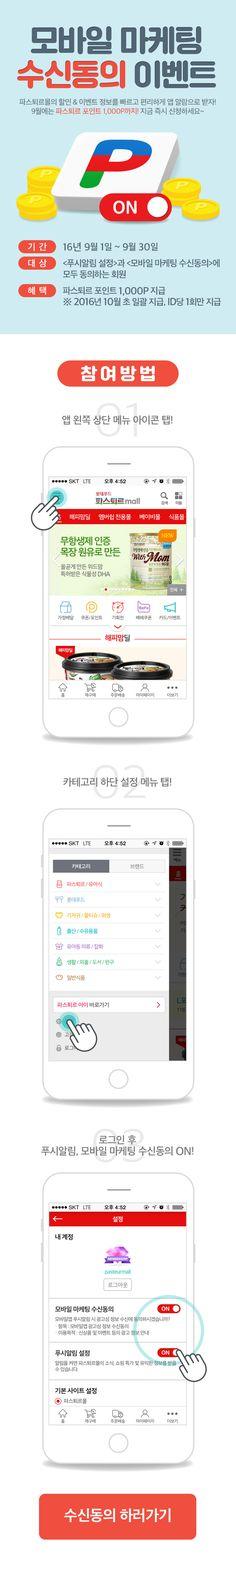 2016.9. 모바일 마케팅 수신동의 이벤트